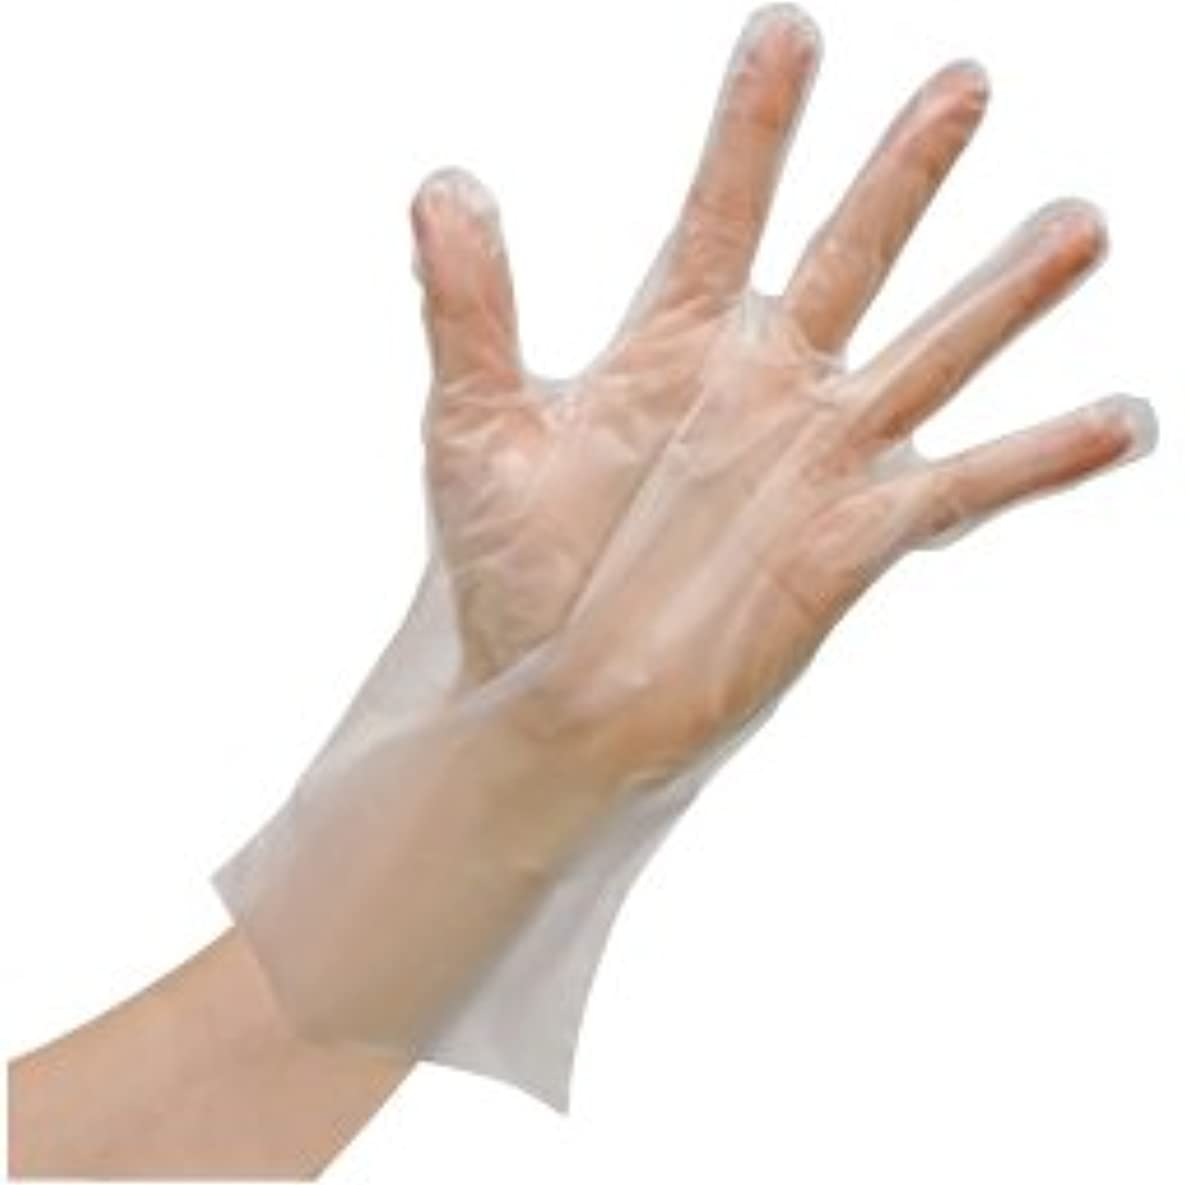 威信侮辱包囲使いきりLDポリエチレン手袋(箱) FR-5812(M)100???? ?????LD????????(??)(24-6743-01)【ファーストレイト】[60箱単位]